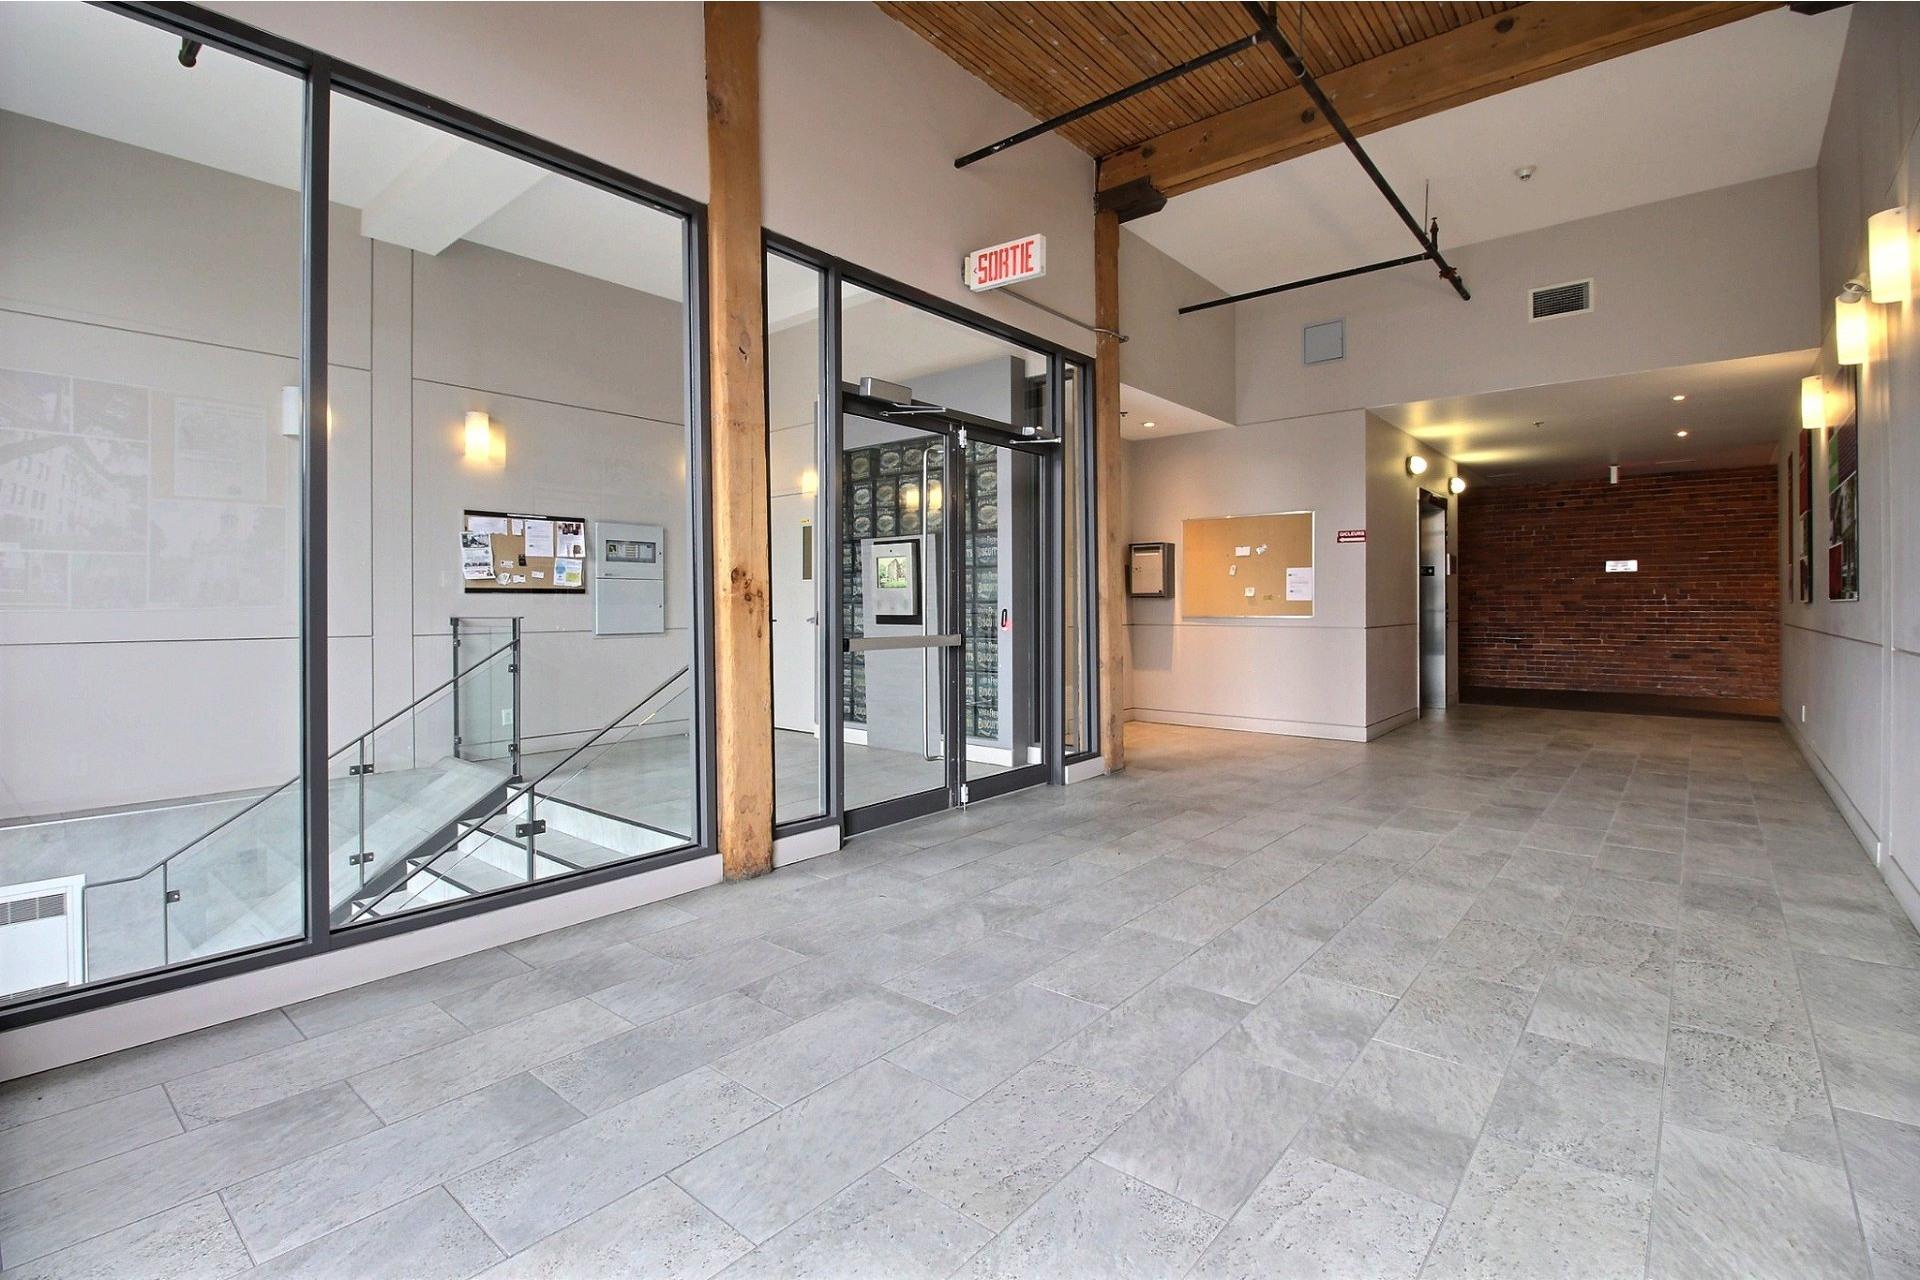 image 3 - Appartement À louer Mercier/Hochelaga-Maisonneuve Montréal  - 6 pièces